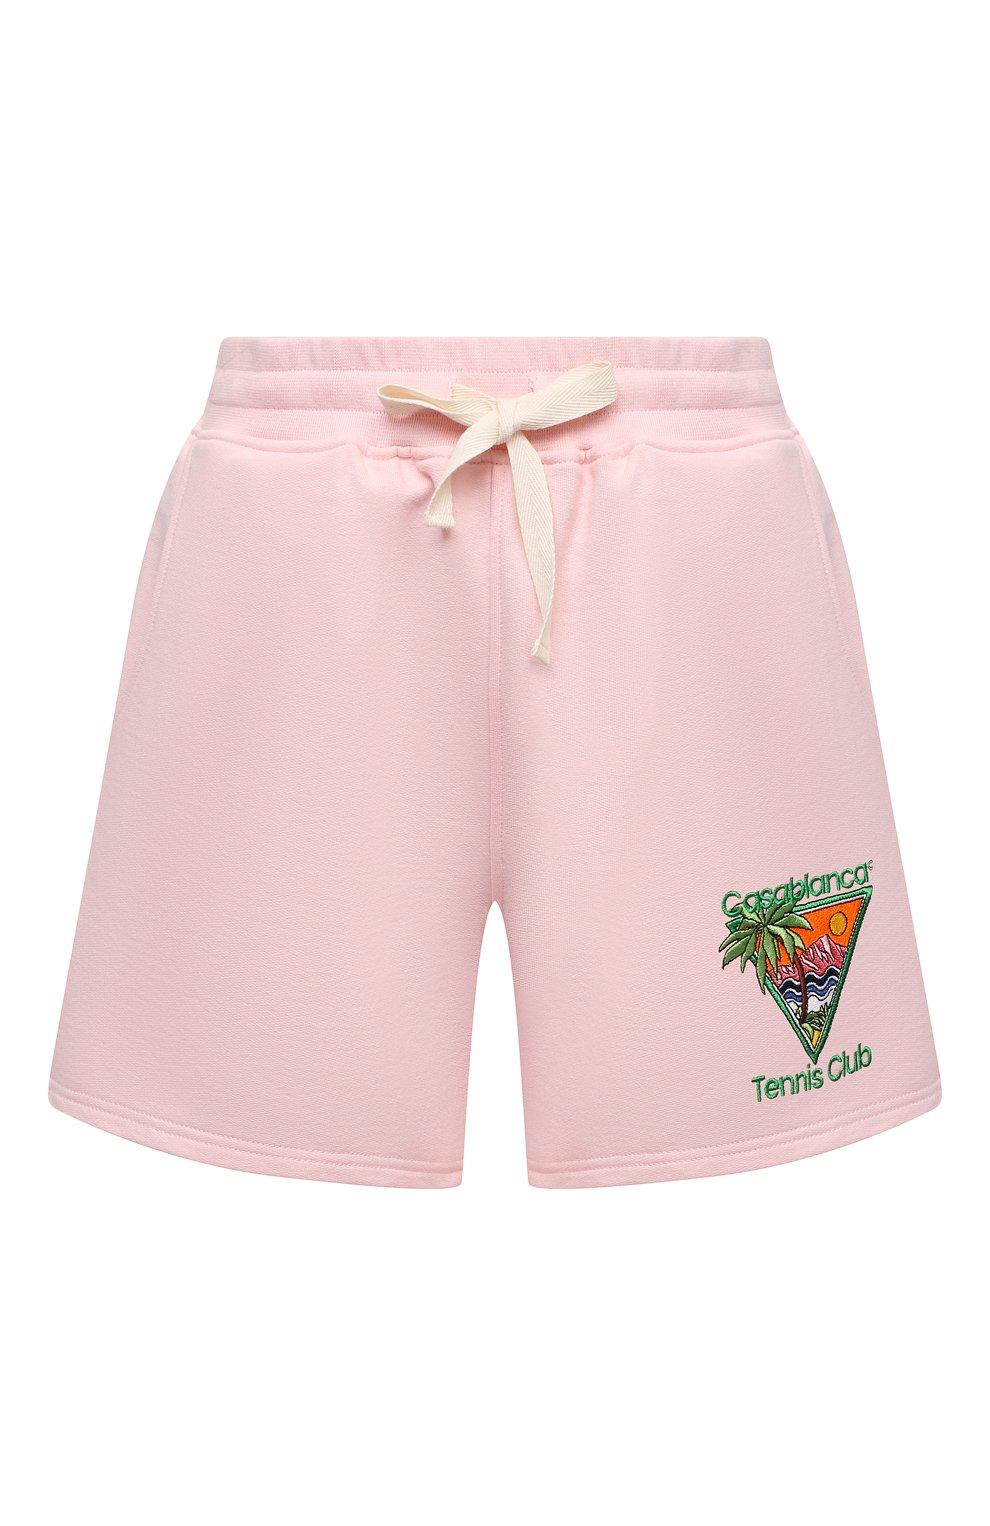 Женские хлопковые шорты CASABLANCA розового цвета, арт. WS21-JTR-037 PINK - TENNIS CLUB IC0N | Фото 1 (Женское Кросс-КТ: Шорты-одежда; Длина Ж (юбки, платья, шорты): Мини; Материал внешний: Хлопок; Стили: Спорт-шик)